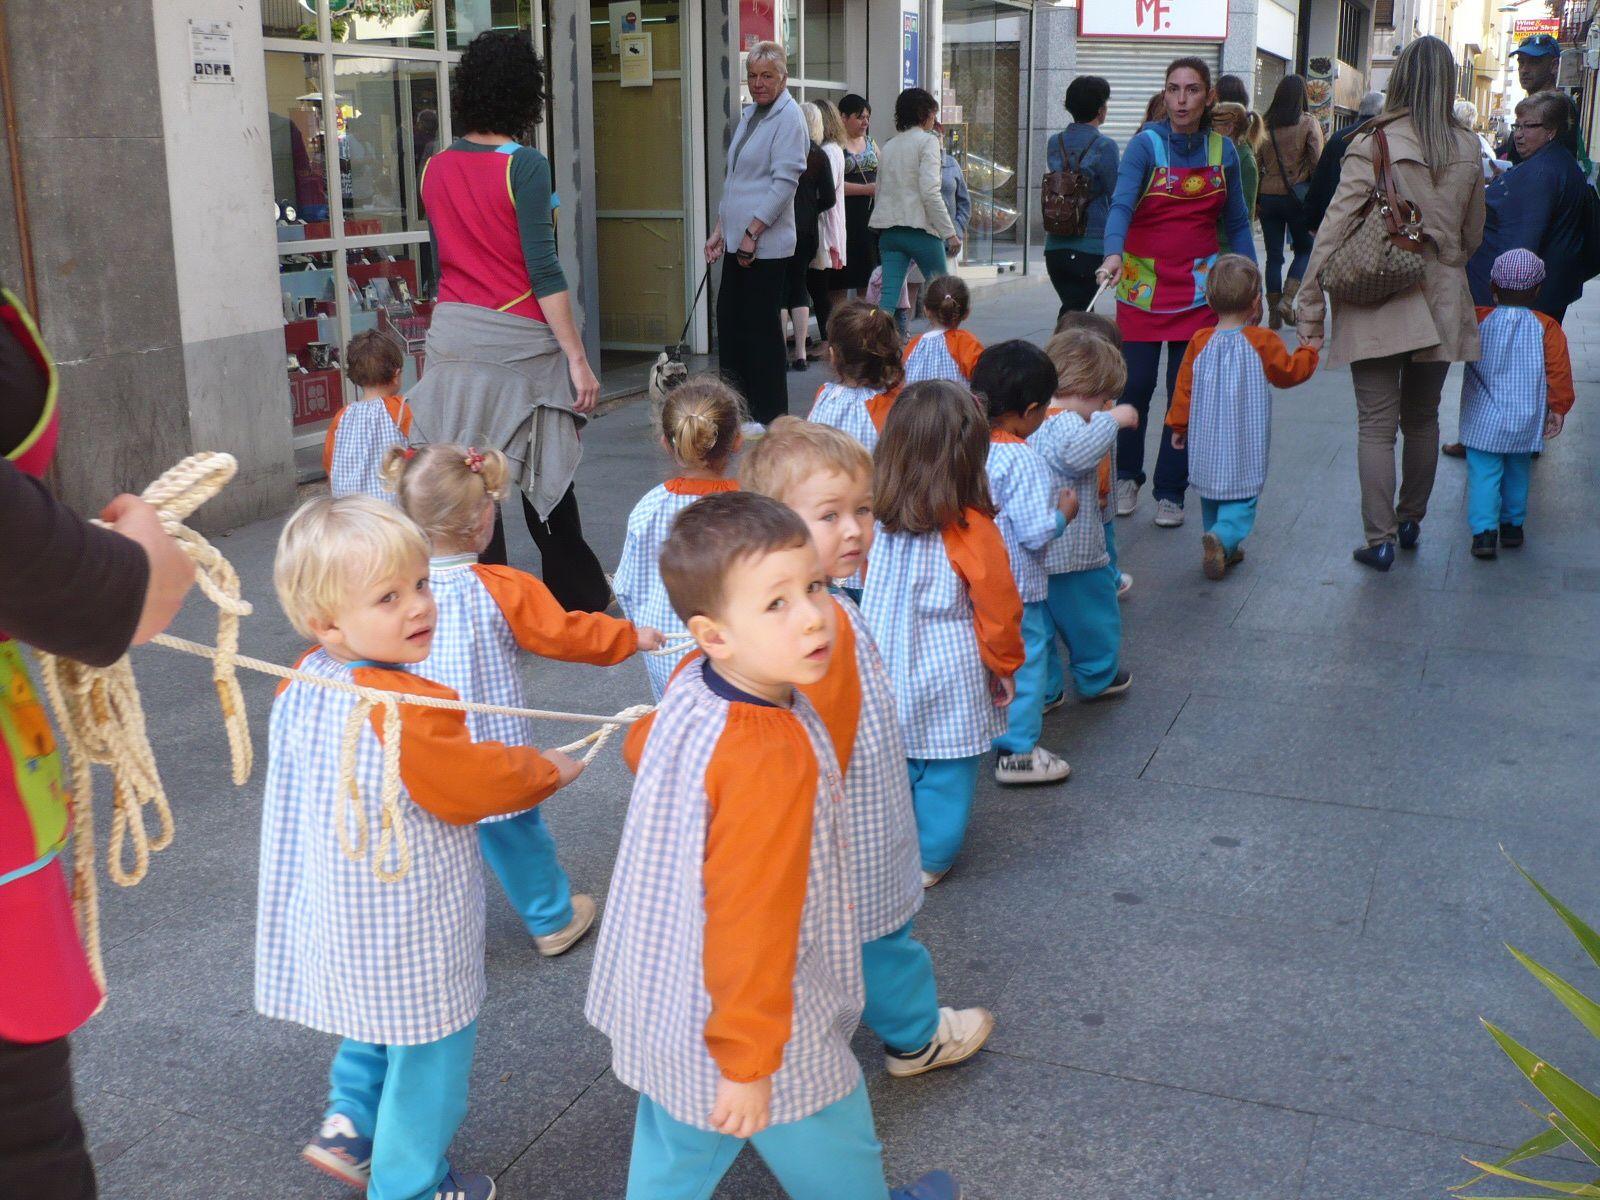 C'est la fête des enfants ce jour, toutes les écoles convergent vers le stade de cette façon, bien pratique pour ne pas perdre d'enfants..